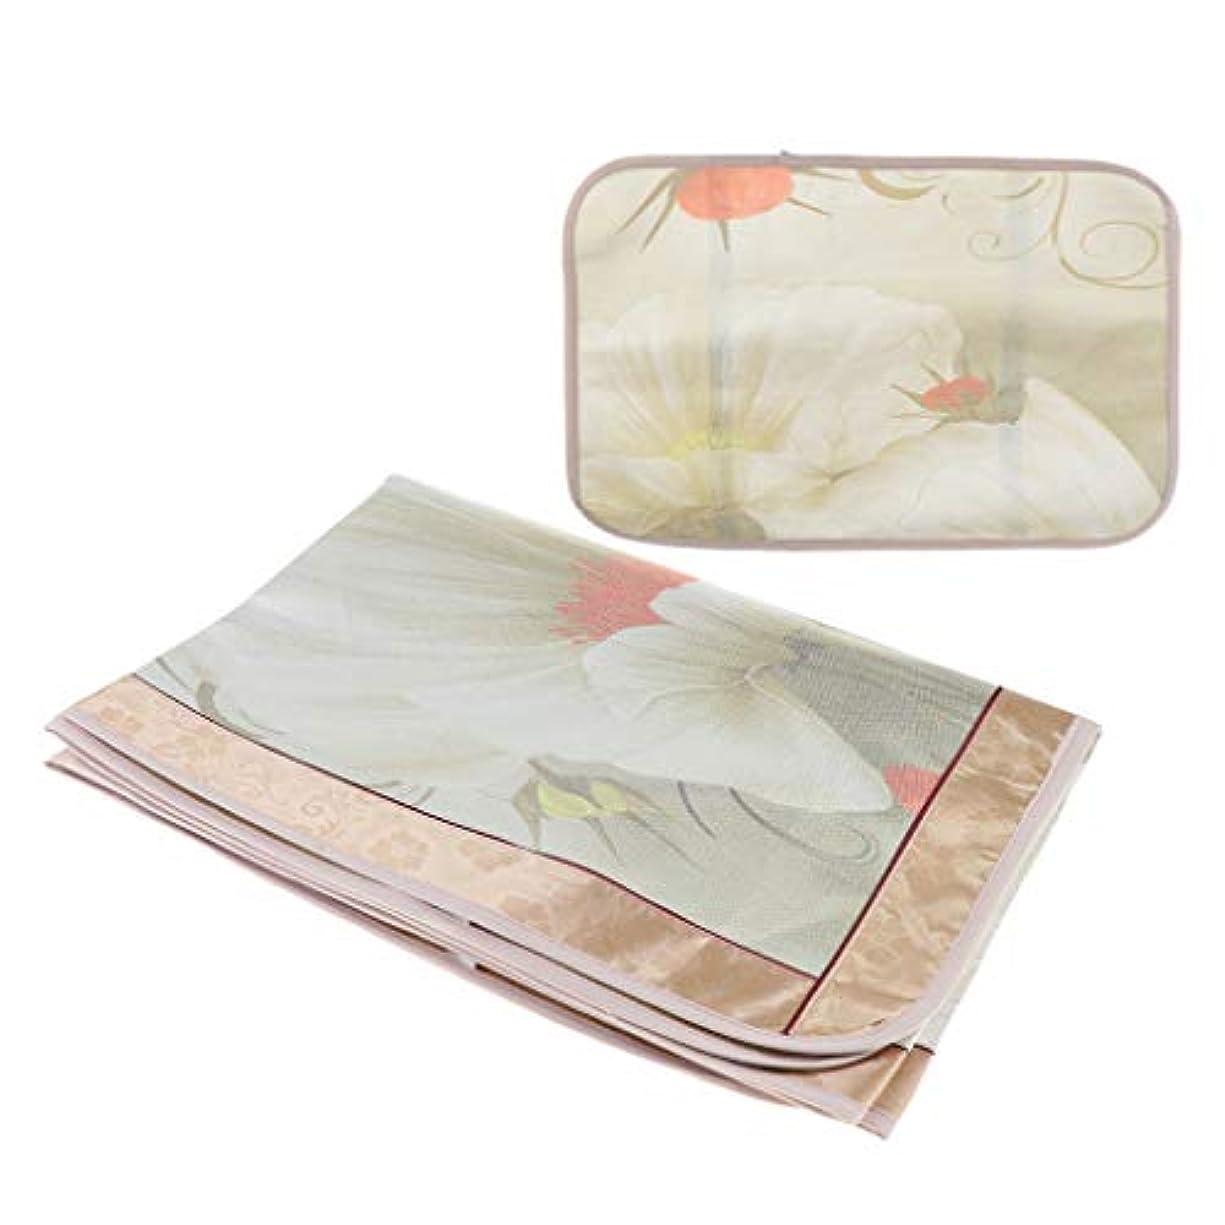 示す優先眠るjoyMerit マッサージベッド シートカバー 睡眠マット 枕カバー - フローラル6